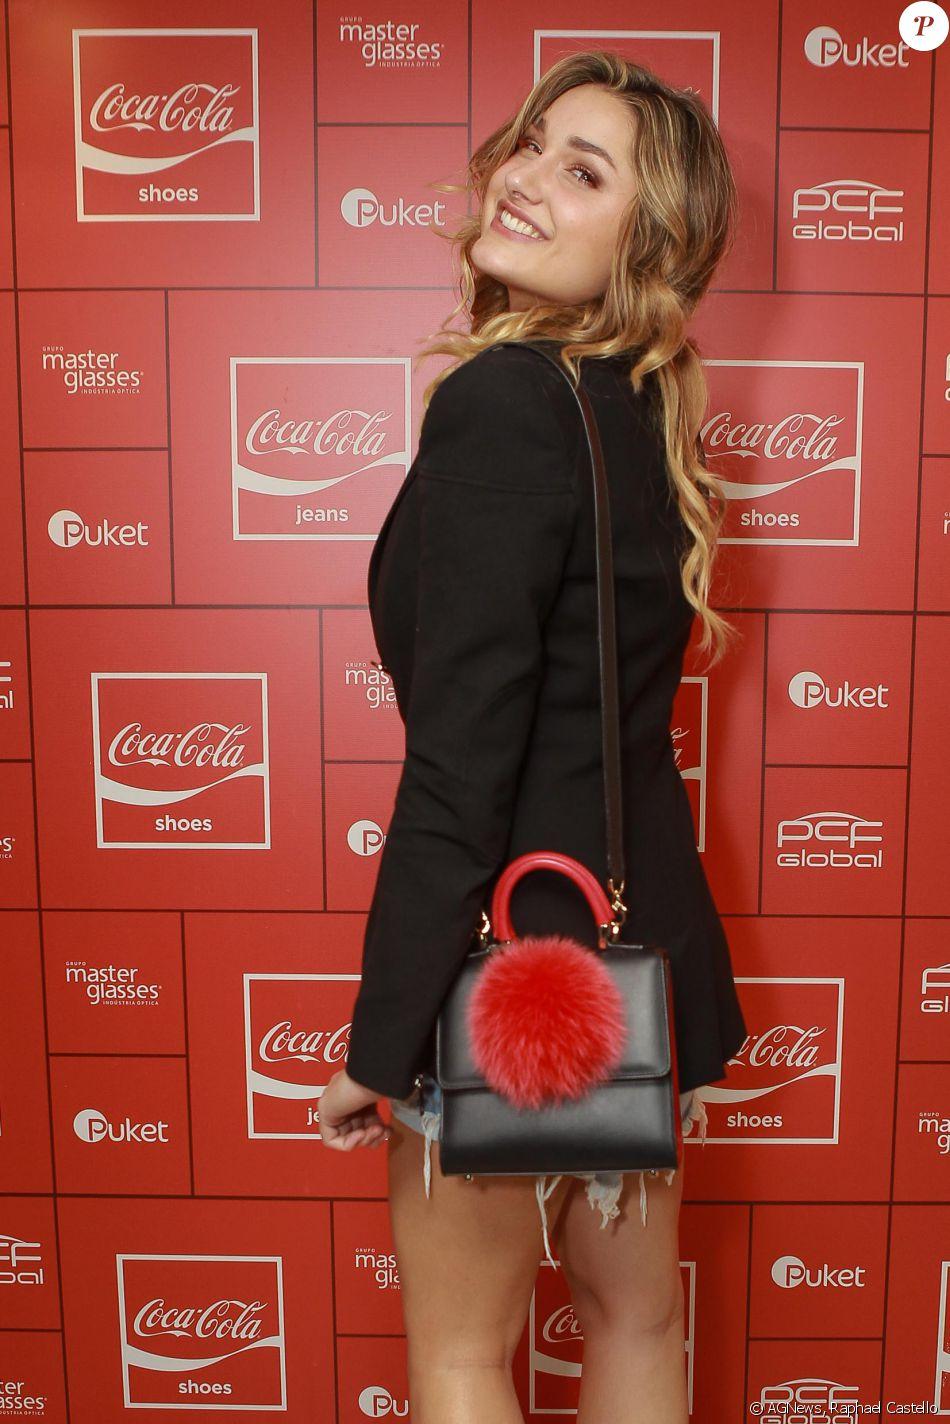 b1ad113b8 Sasha Meneghel usou um terno preto e uma bolsa estilosa para curtir a festa  da Coca-Cola Jeans, no PanAm Club, em São Paulo